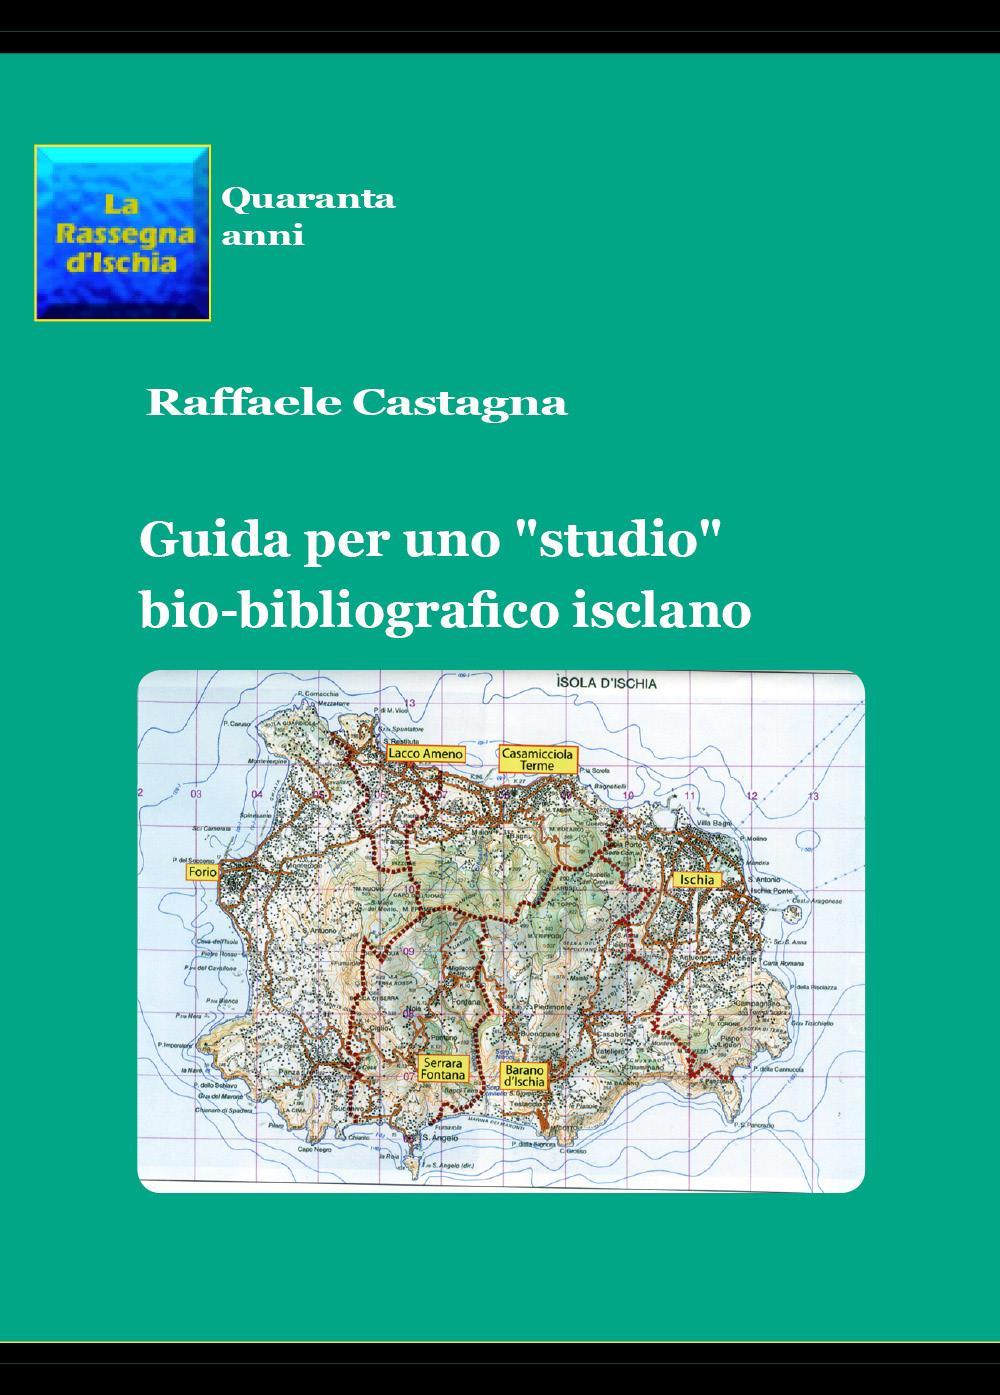 """Guida per uno """"studio"""" bio-bibliografico isclano"""